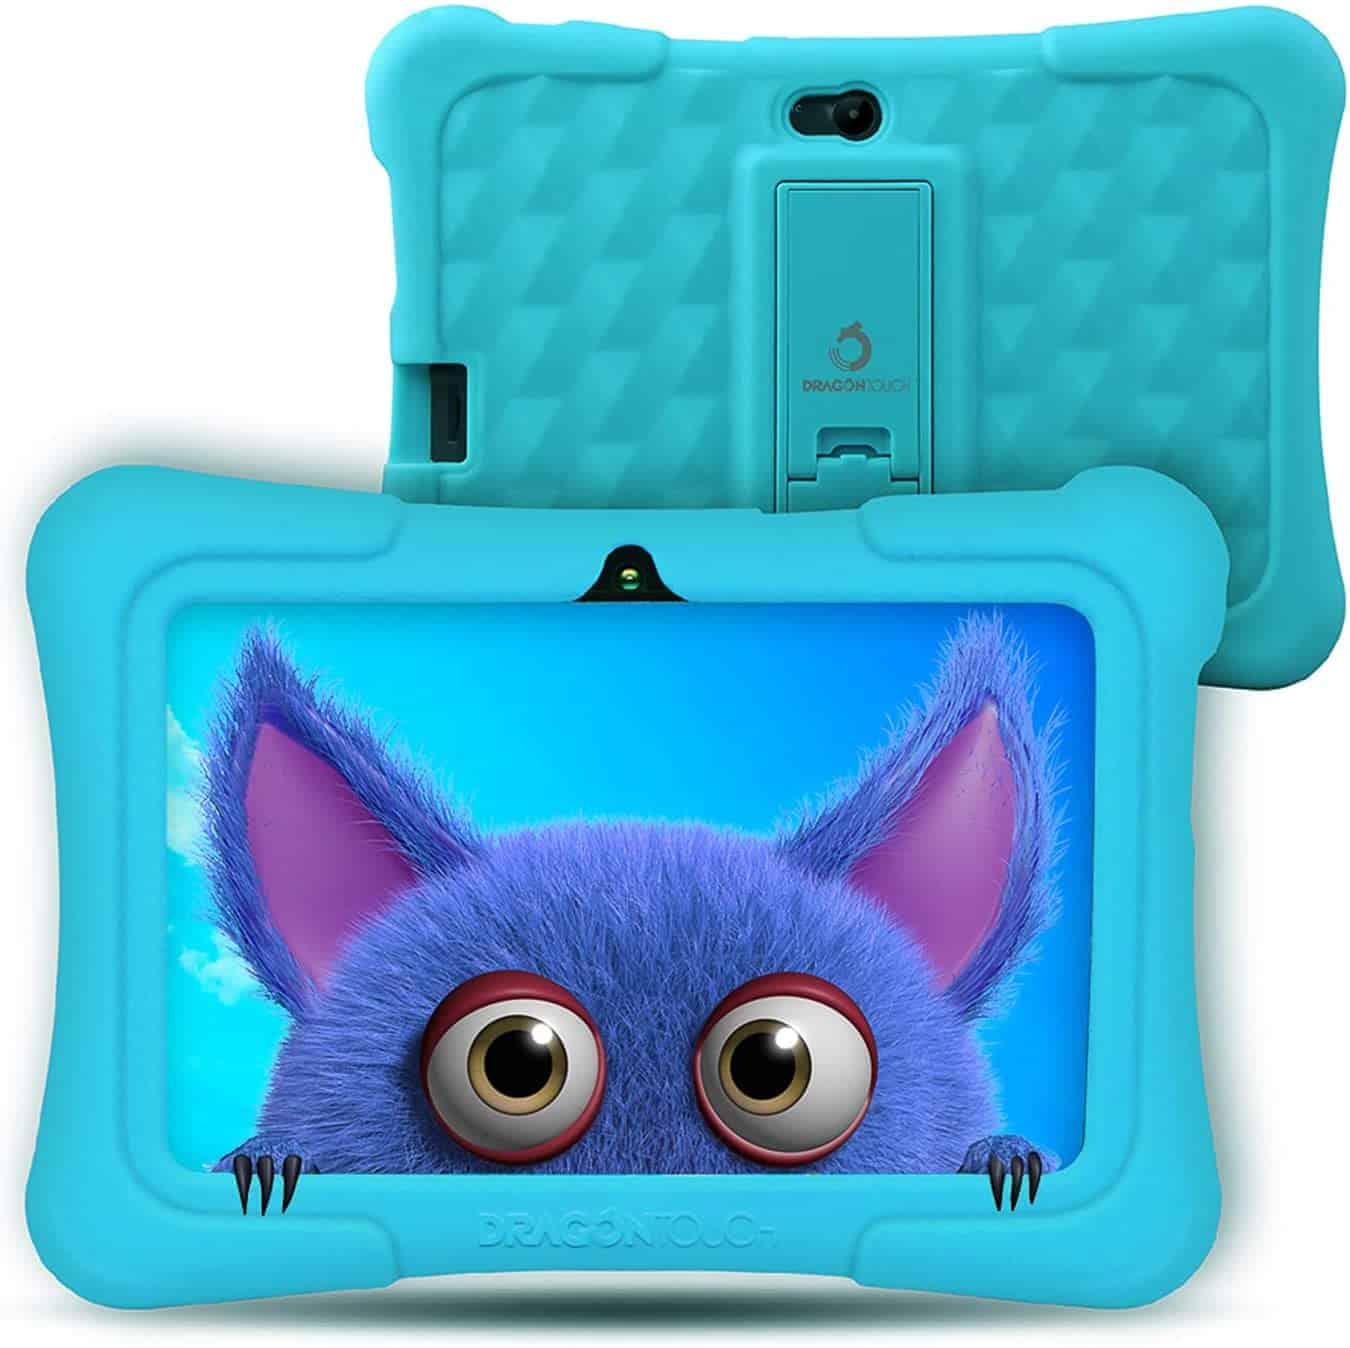 4. La mejor tablet con Wi-Fi para niños